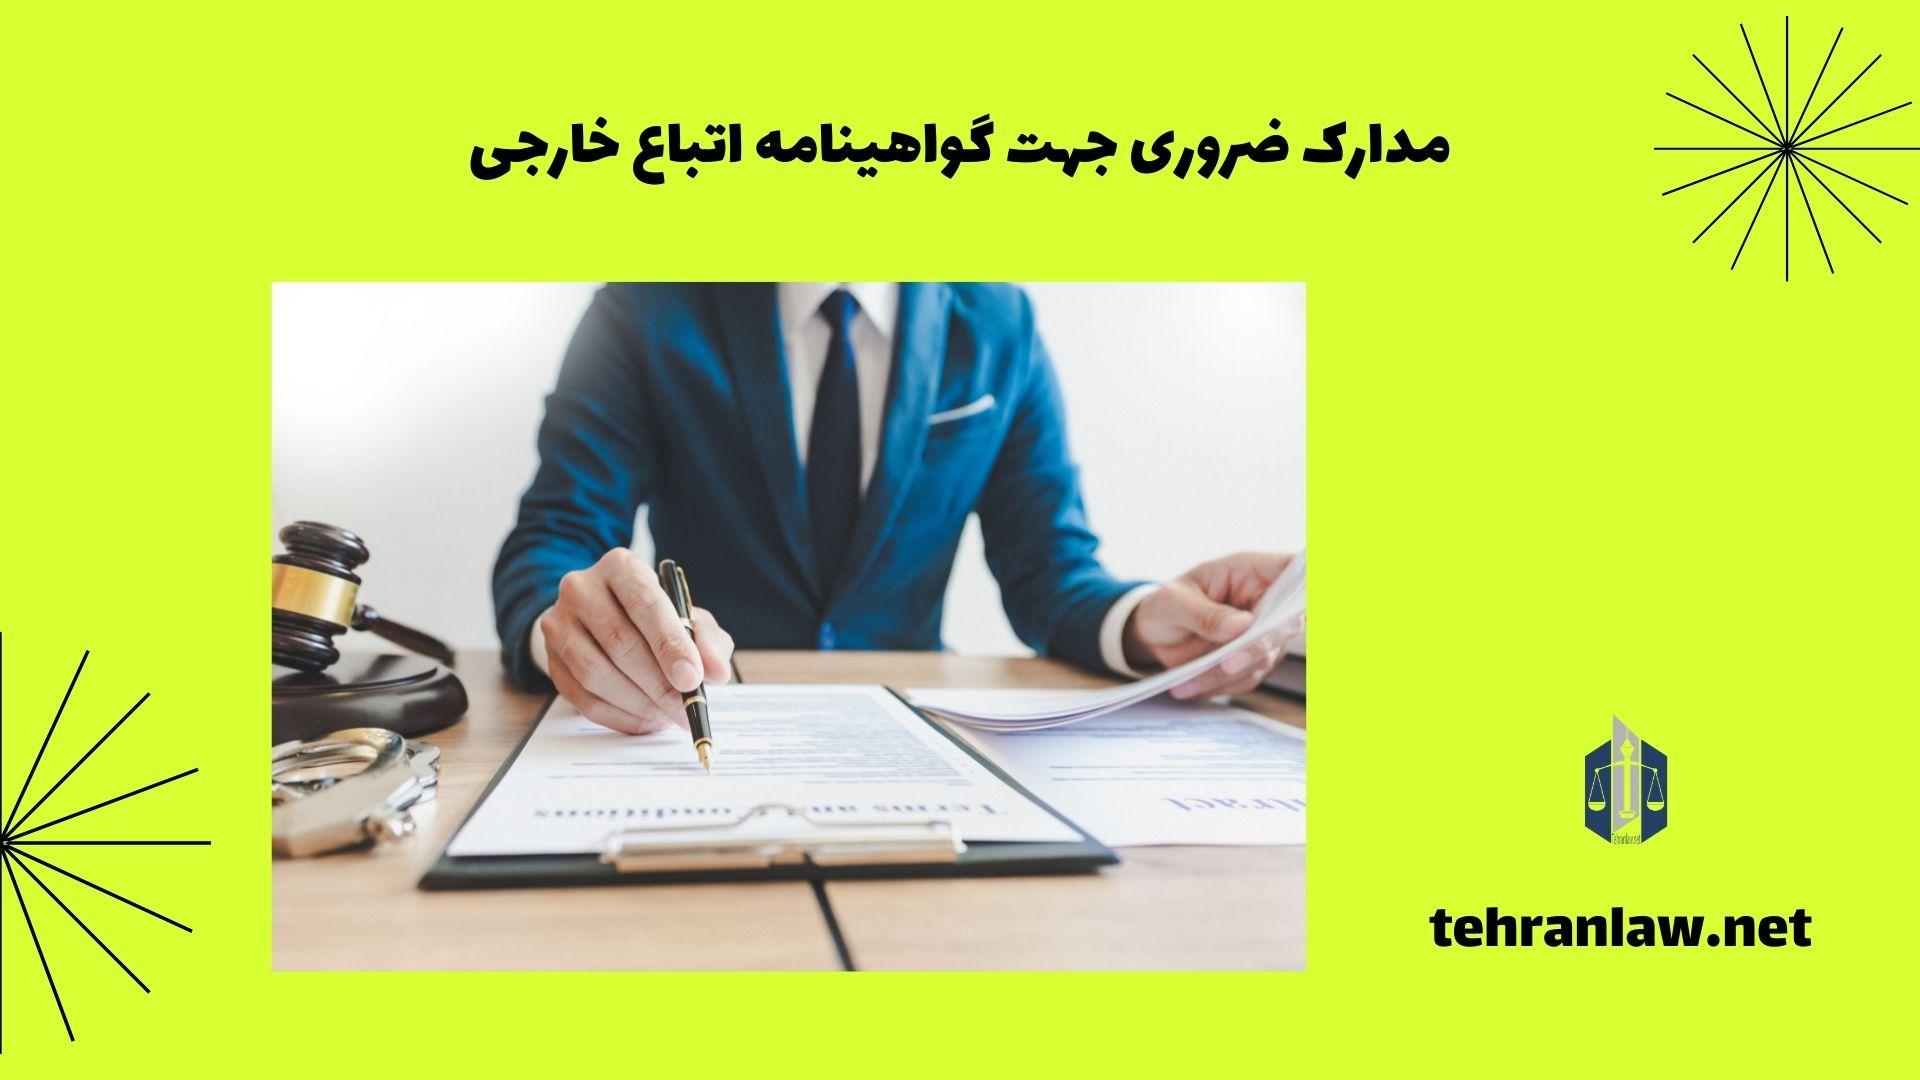 مدارک ضروری برای گواهینامه اتباع خارجی